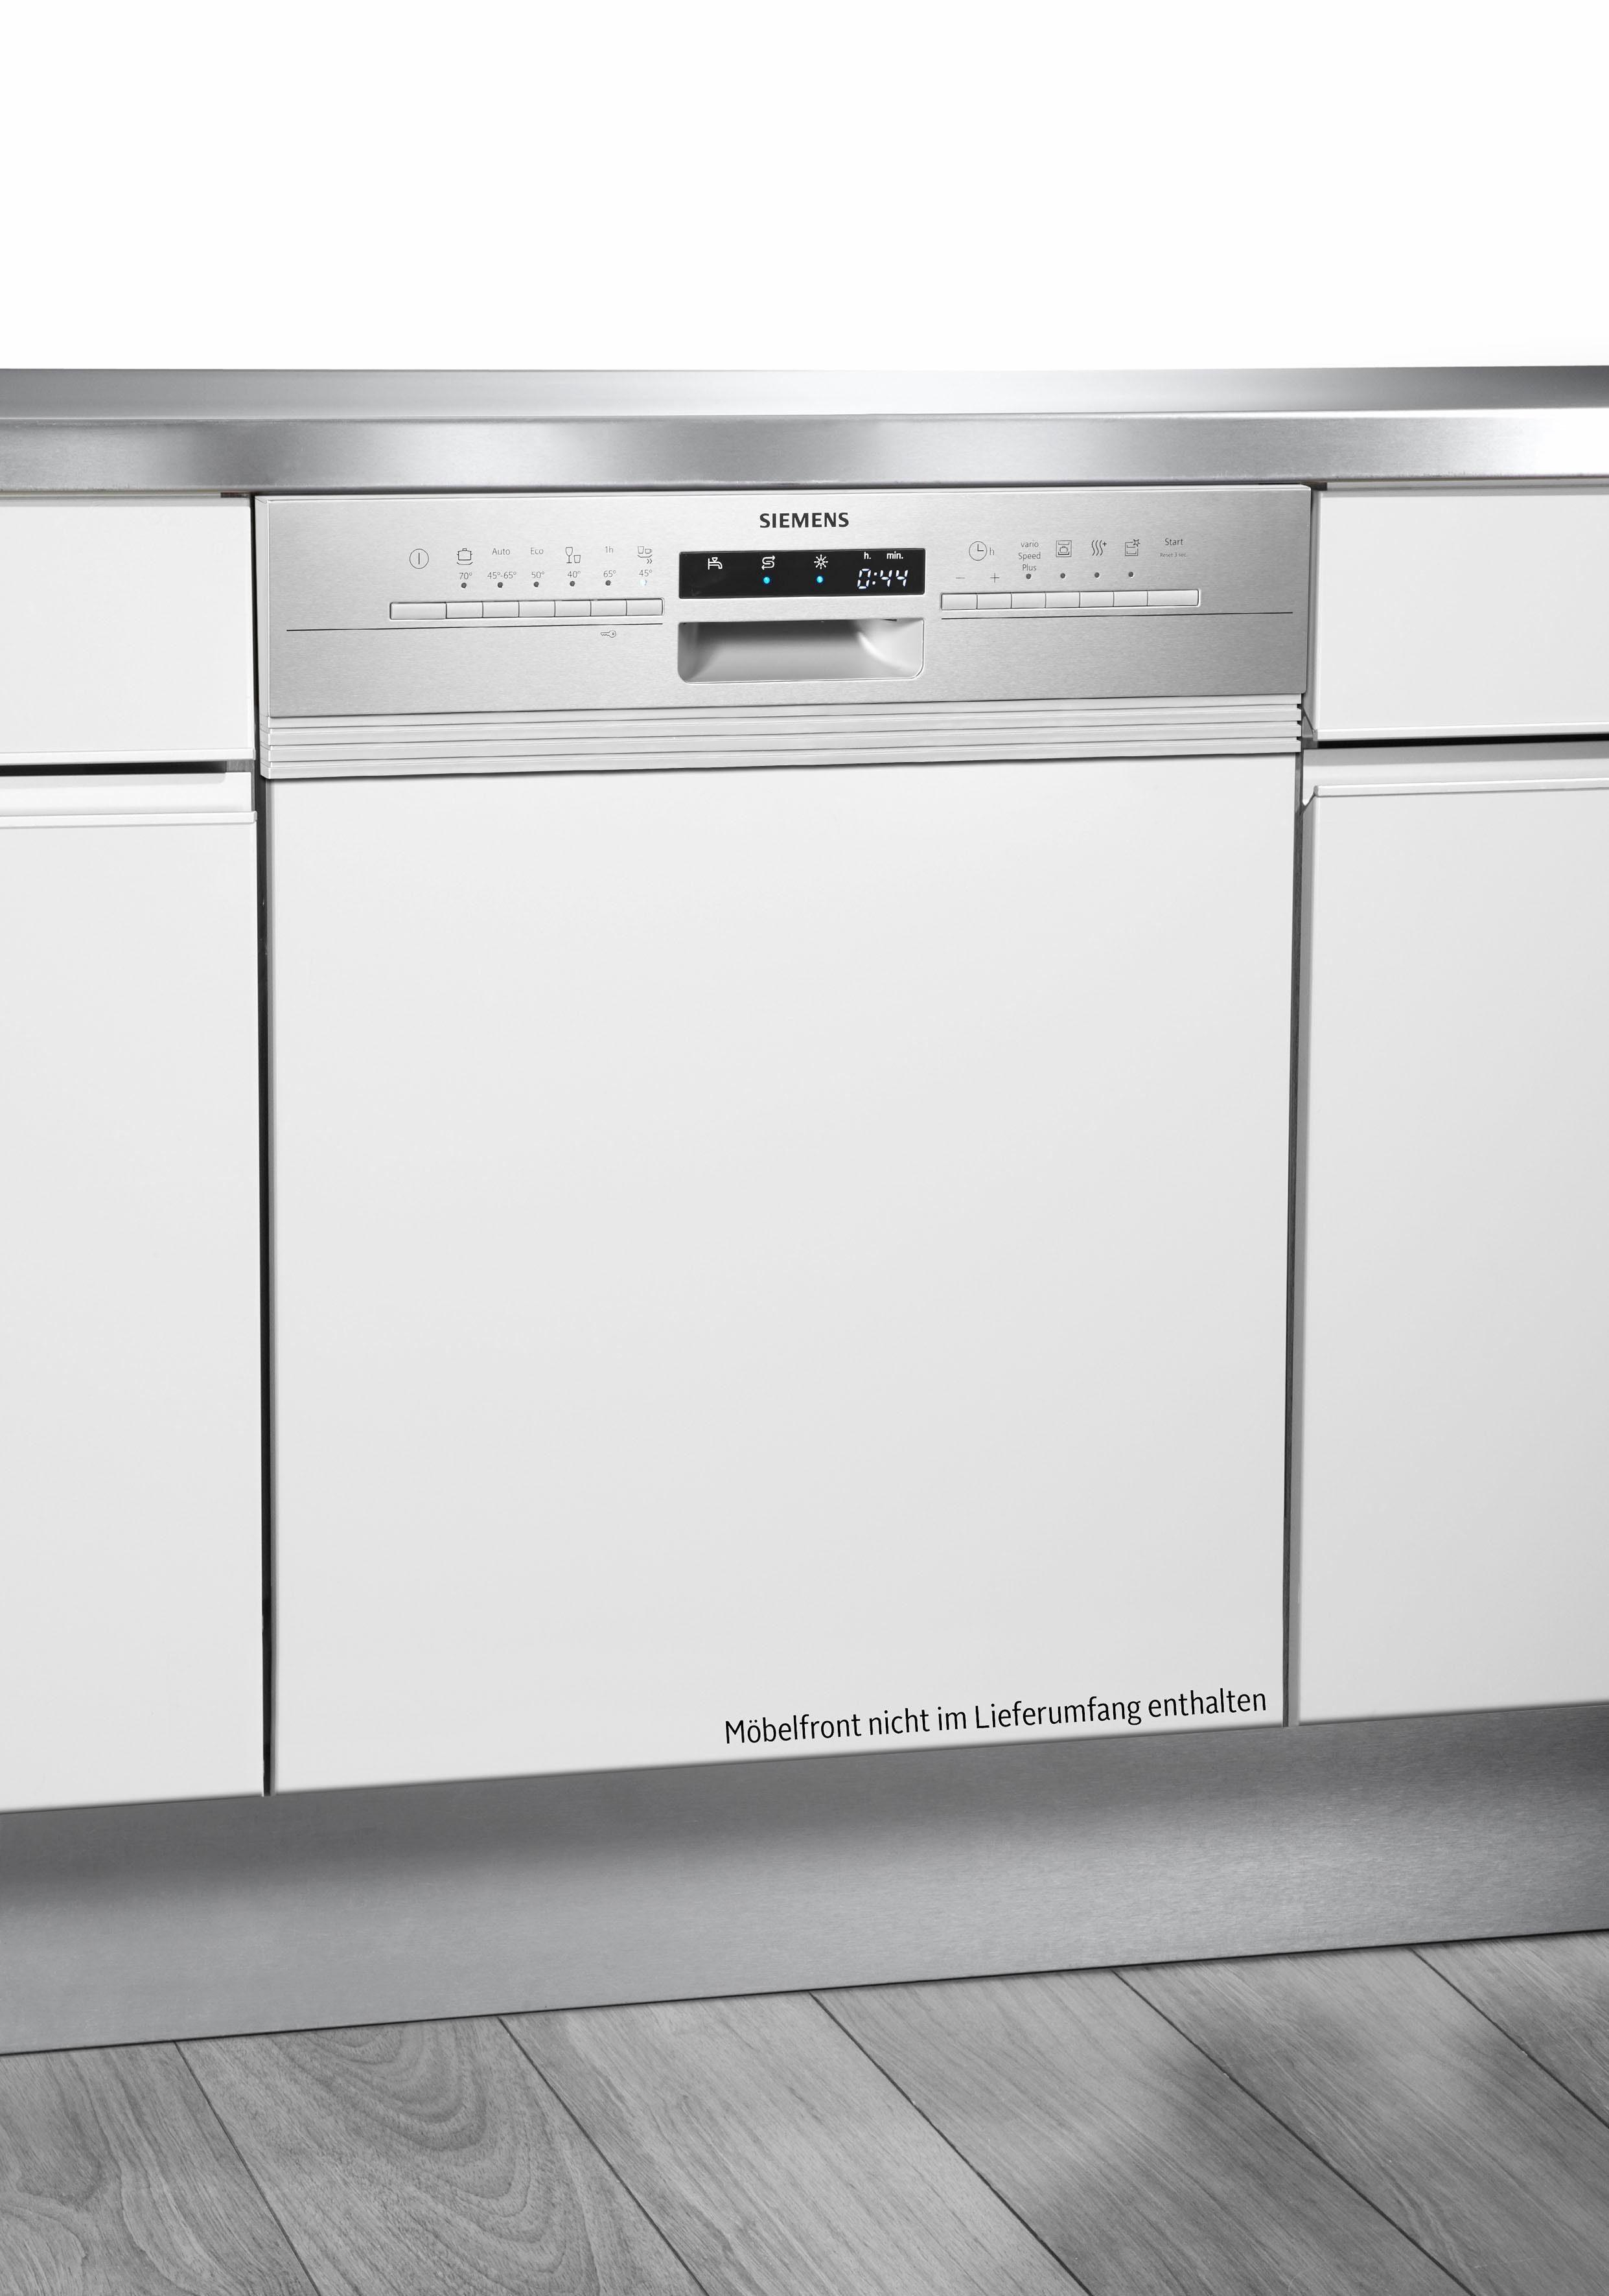 SIEMENS teilintegrierbarer Geschirrspüler 111 Jahre Siemens iQ300, iQ300 SN536S00EE, 9,5 l, 13 Maßgedecke